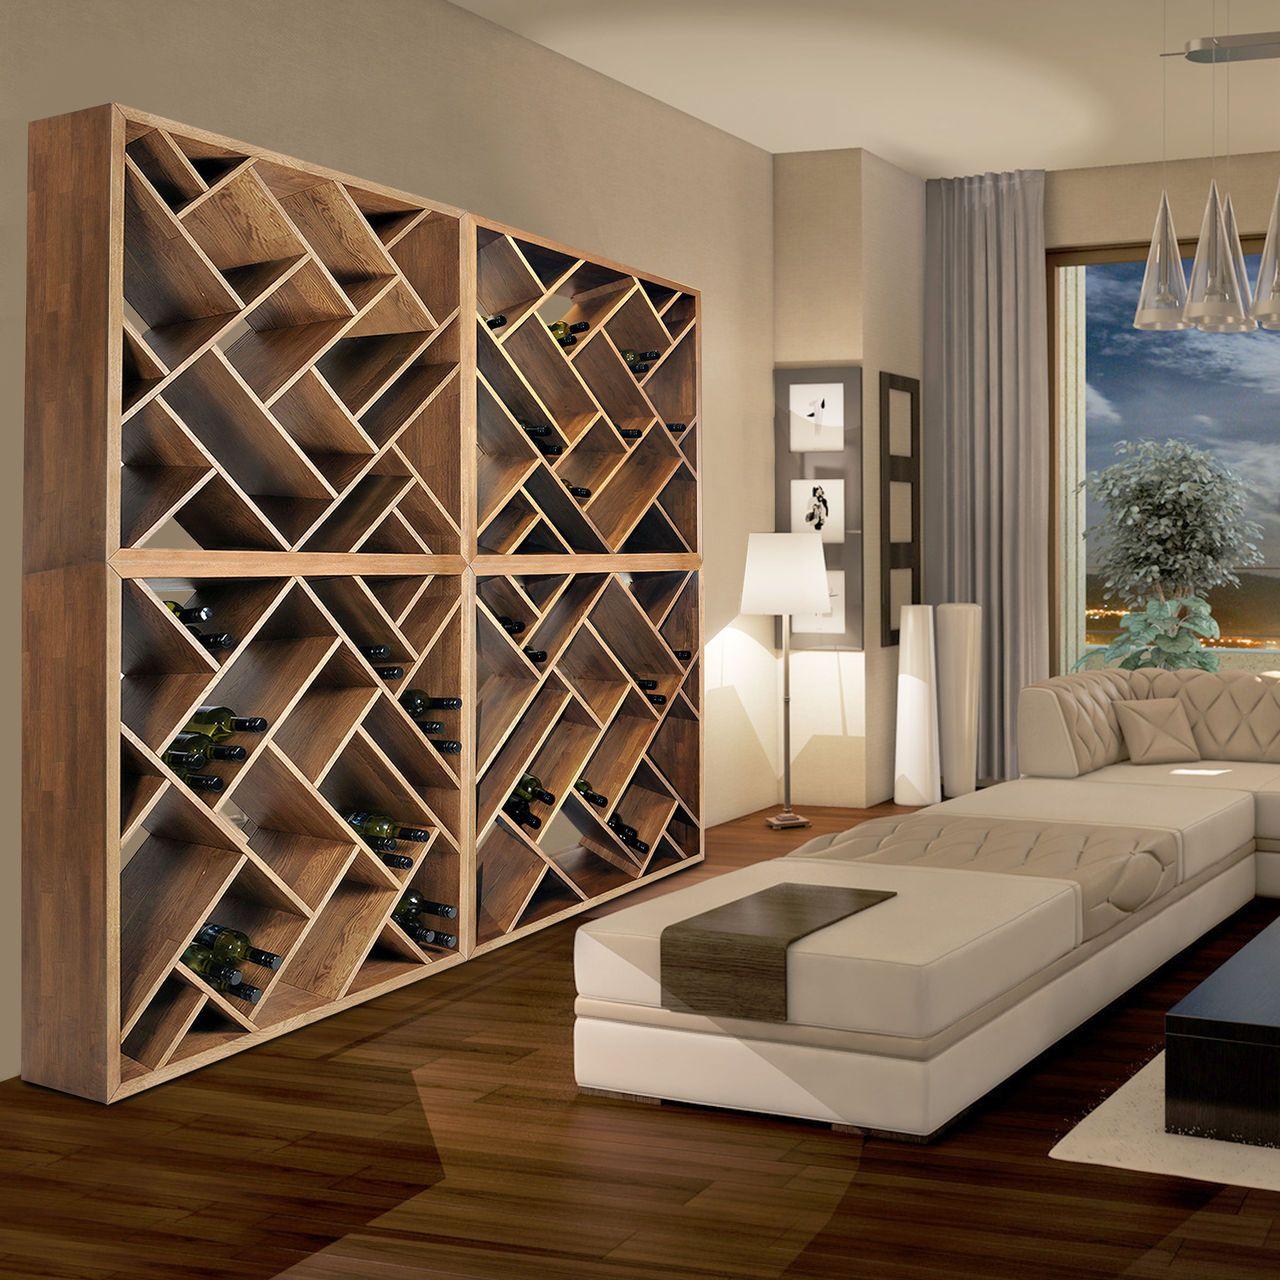 unkonventionelles weinregal oder flaschenregal weinregale pinterest regal weinkeller und. Black Bedroom Furniture Sets. Home Design Ideas